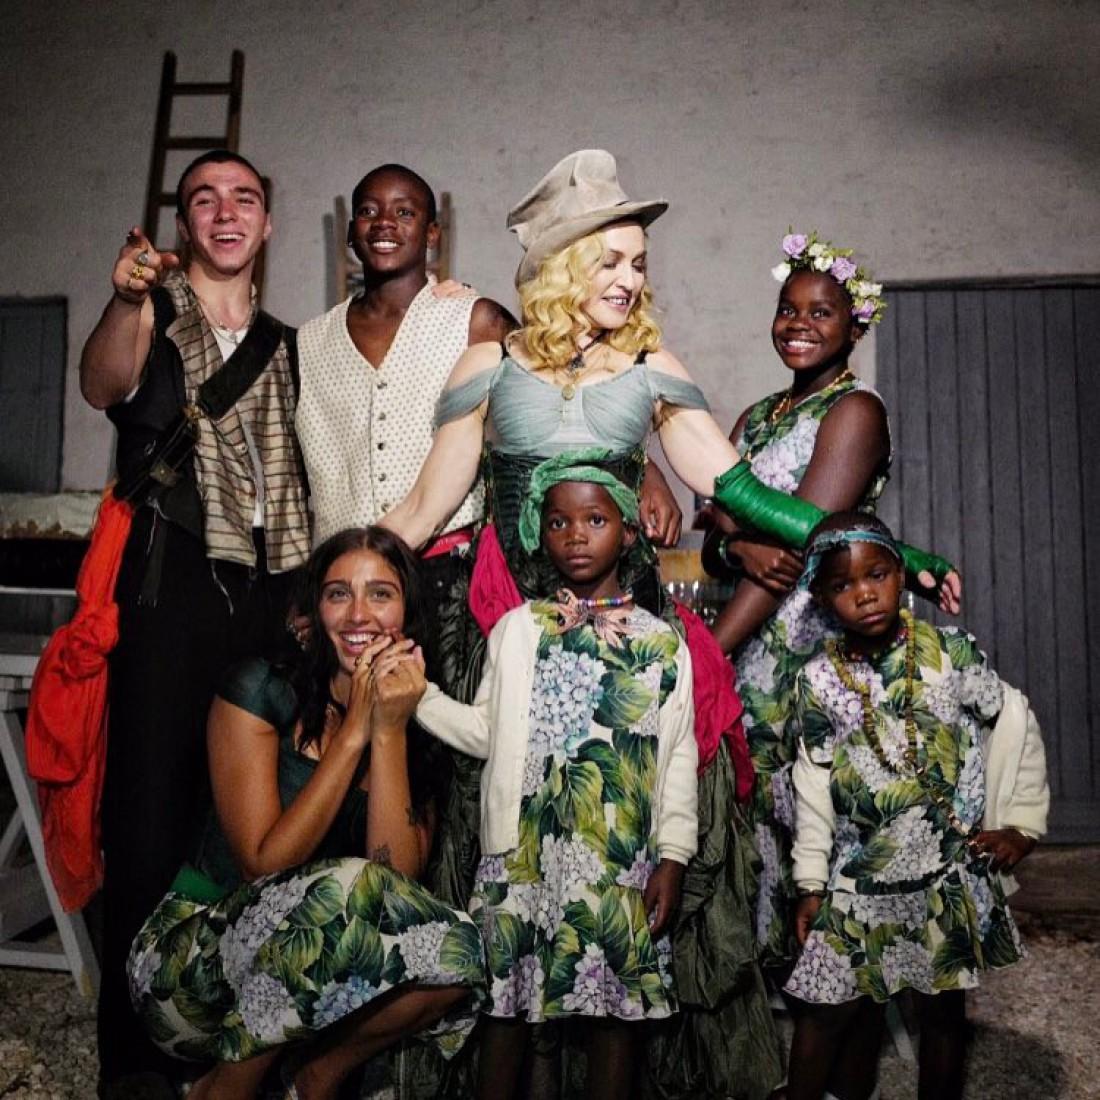 Мадонна и ее 6 детей